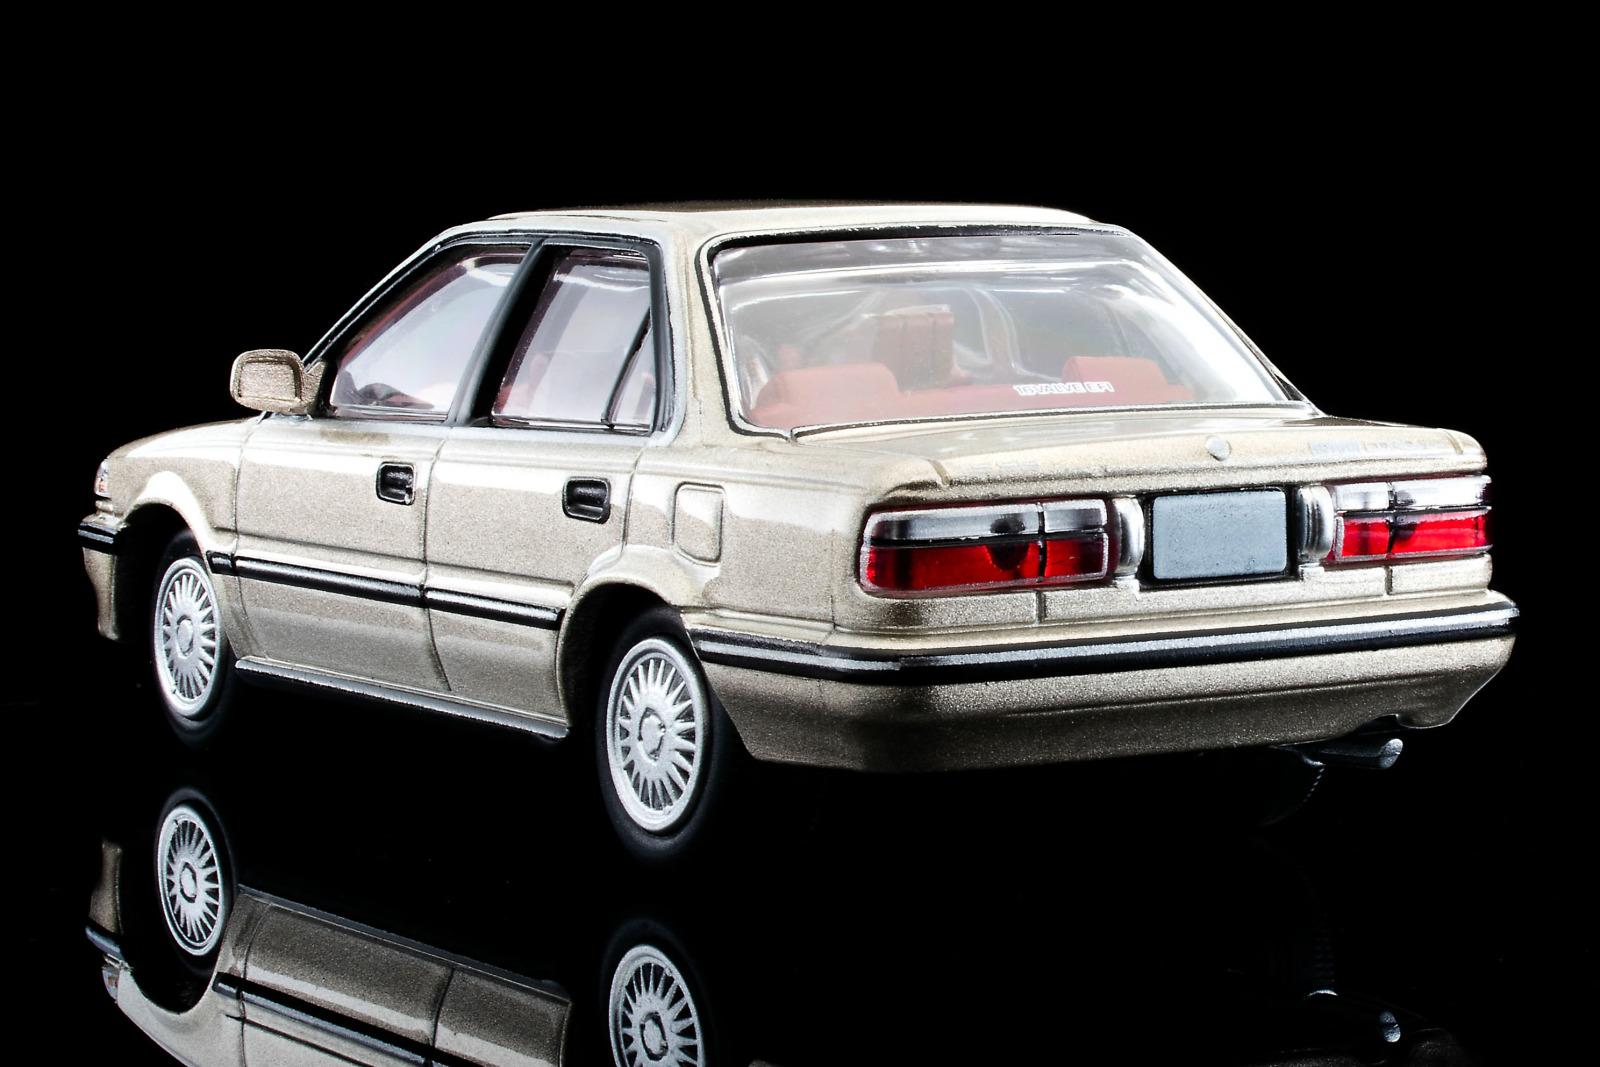 「史上最高の販売台数6代目カローラの「1500SEリミテッド」がトミカLV-NEOに新登場【ミニカー新製品情報】」の3枚目の画像